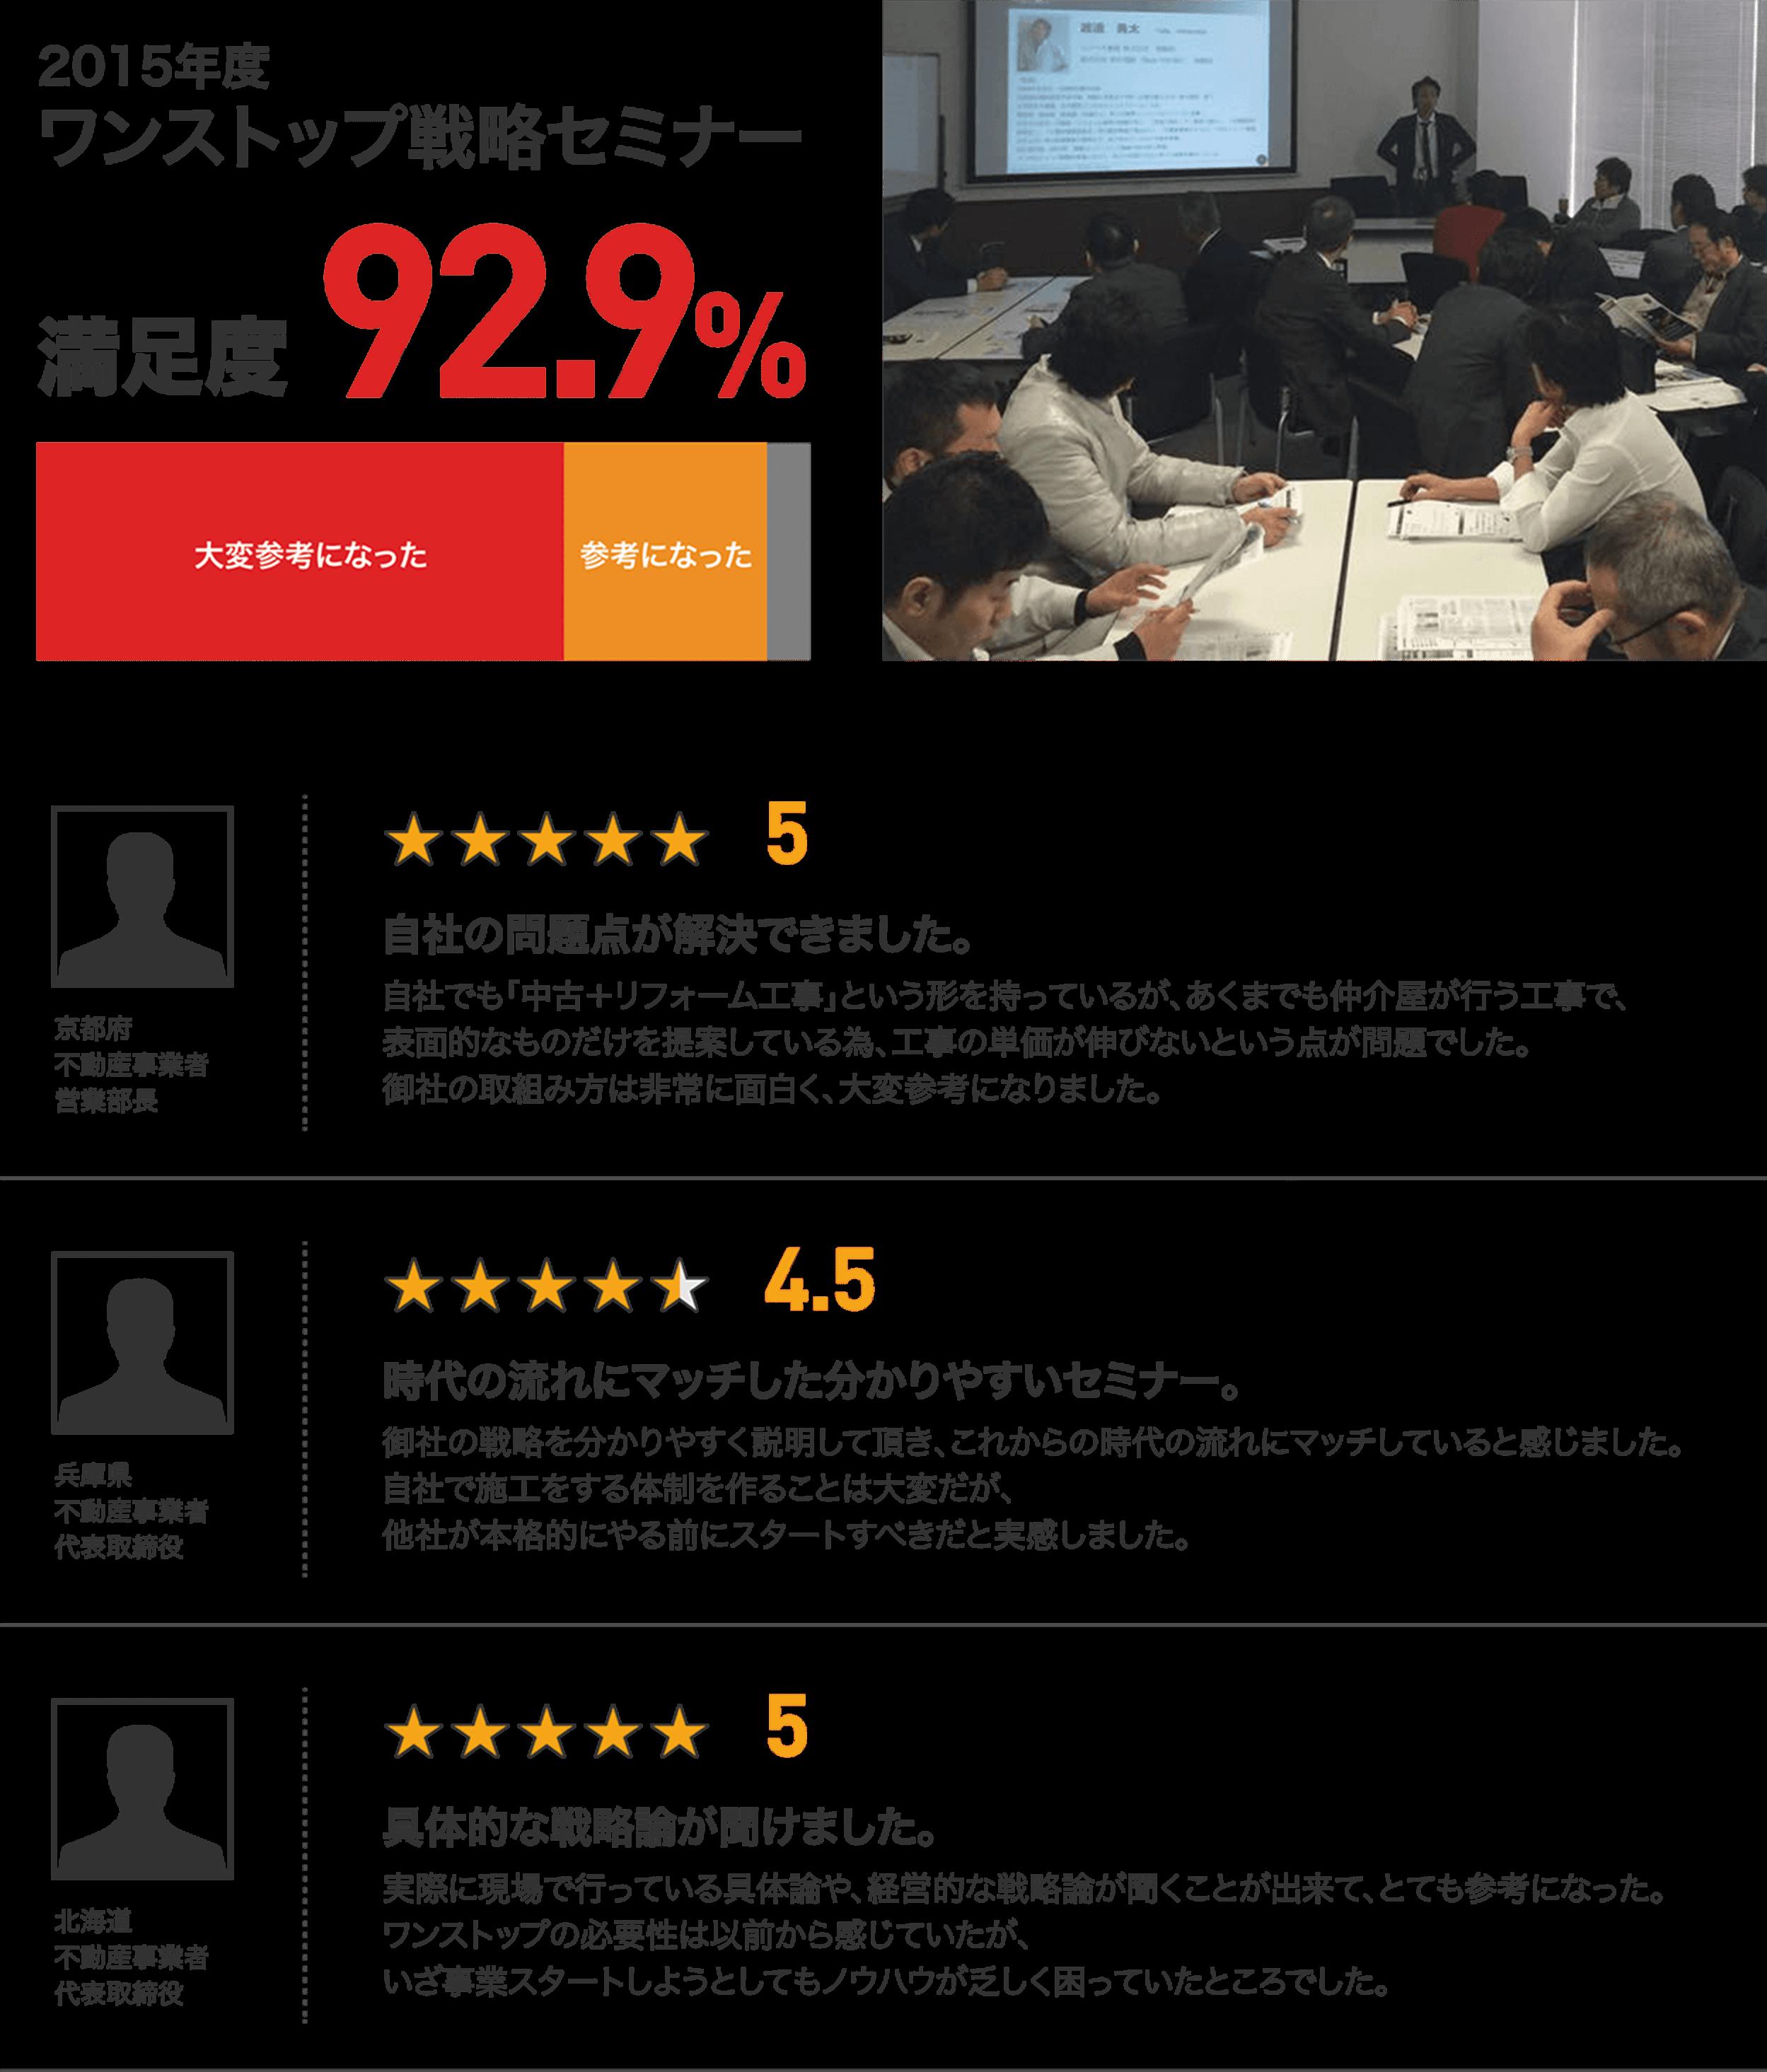 2015年度ワンストップ戦略セミナー 満足度92.9%